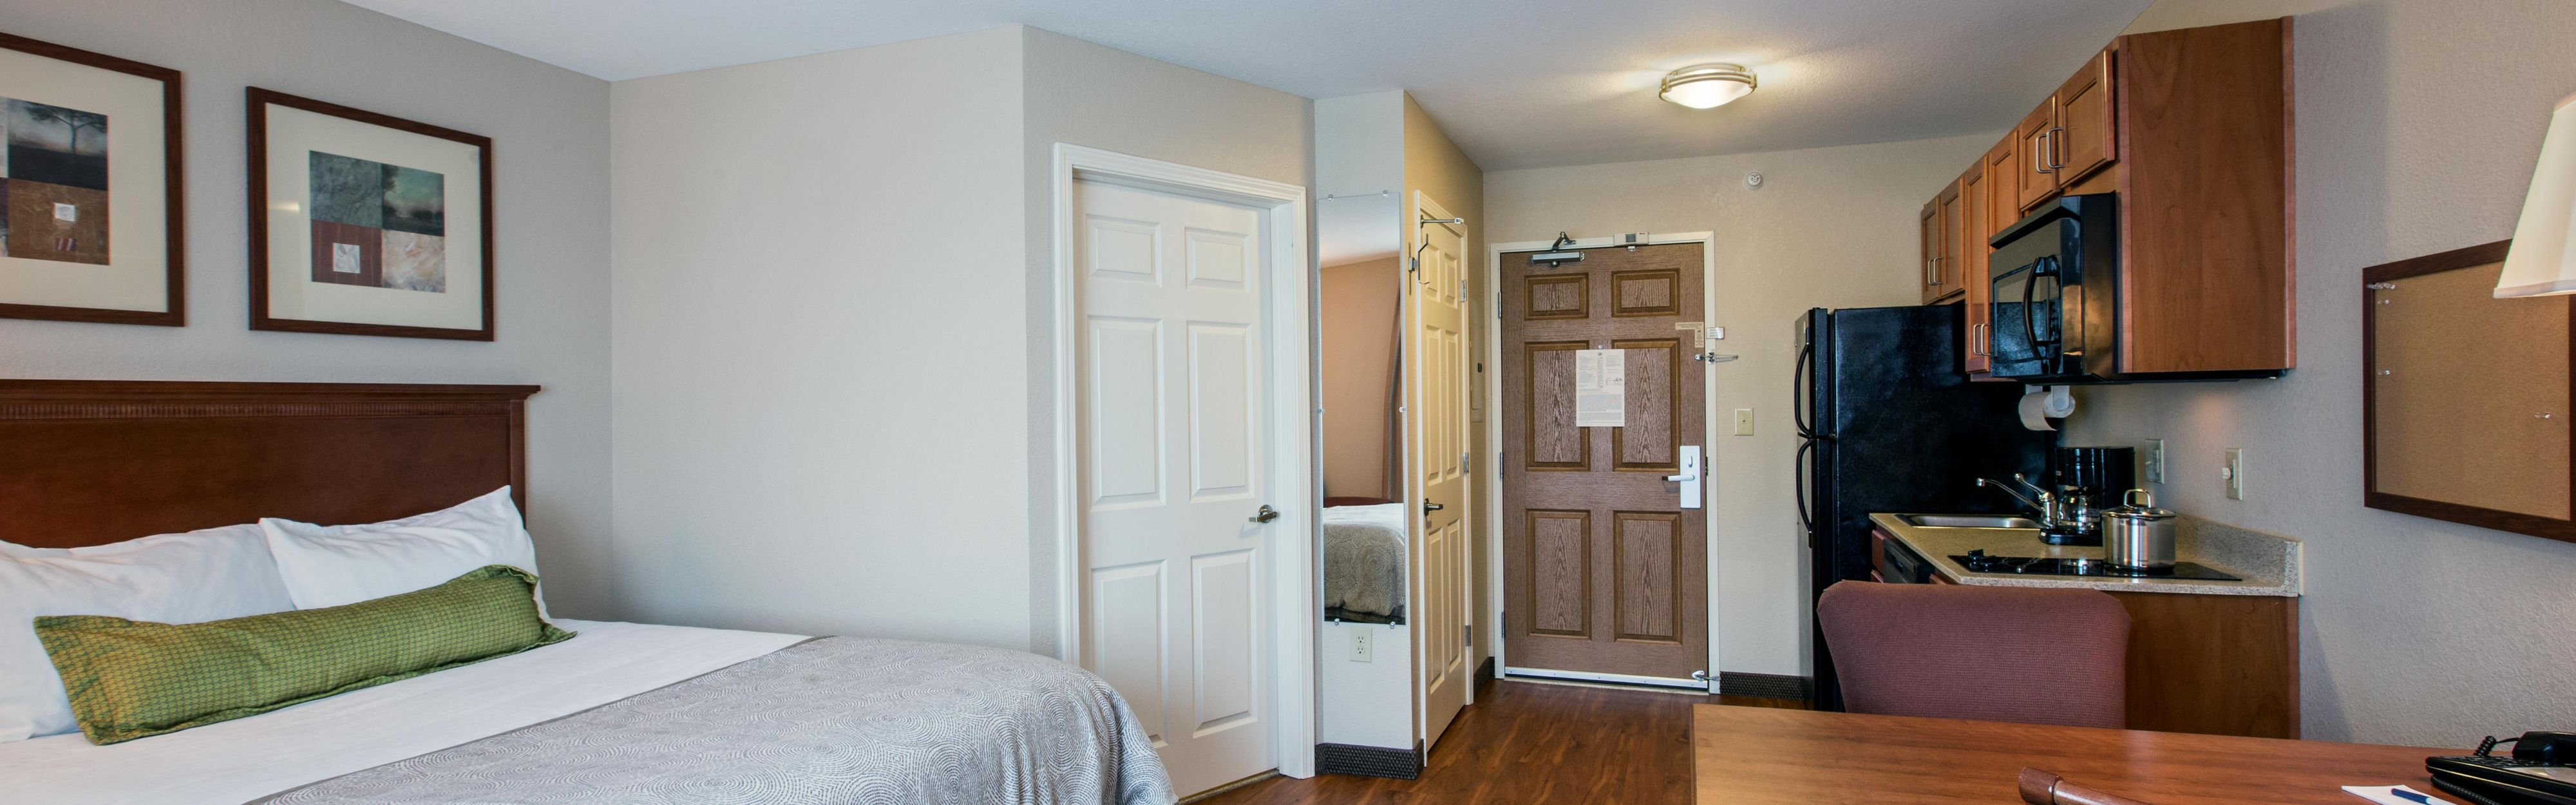 Candlewood Suites Indianapolis Northwest image 1